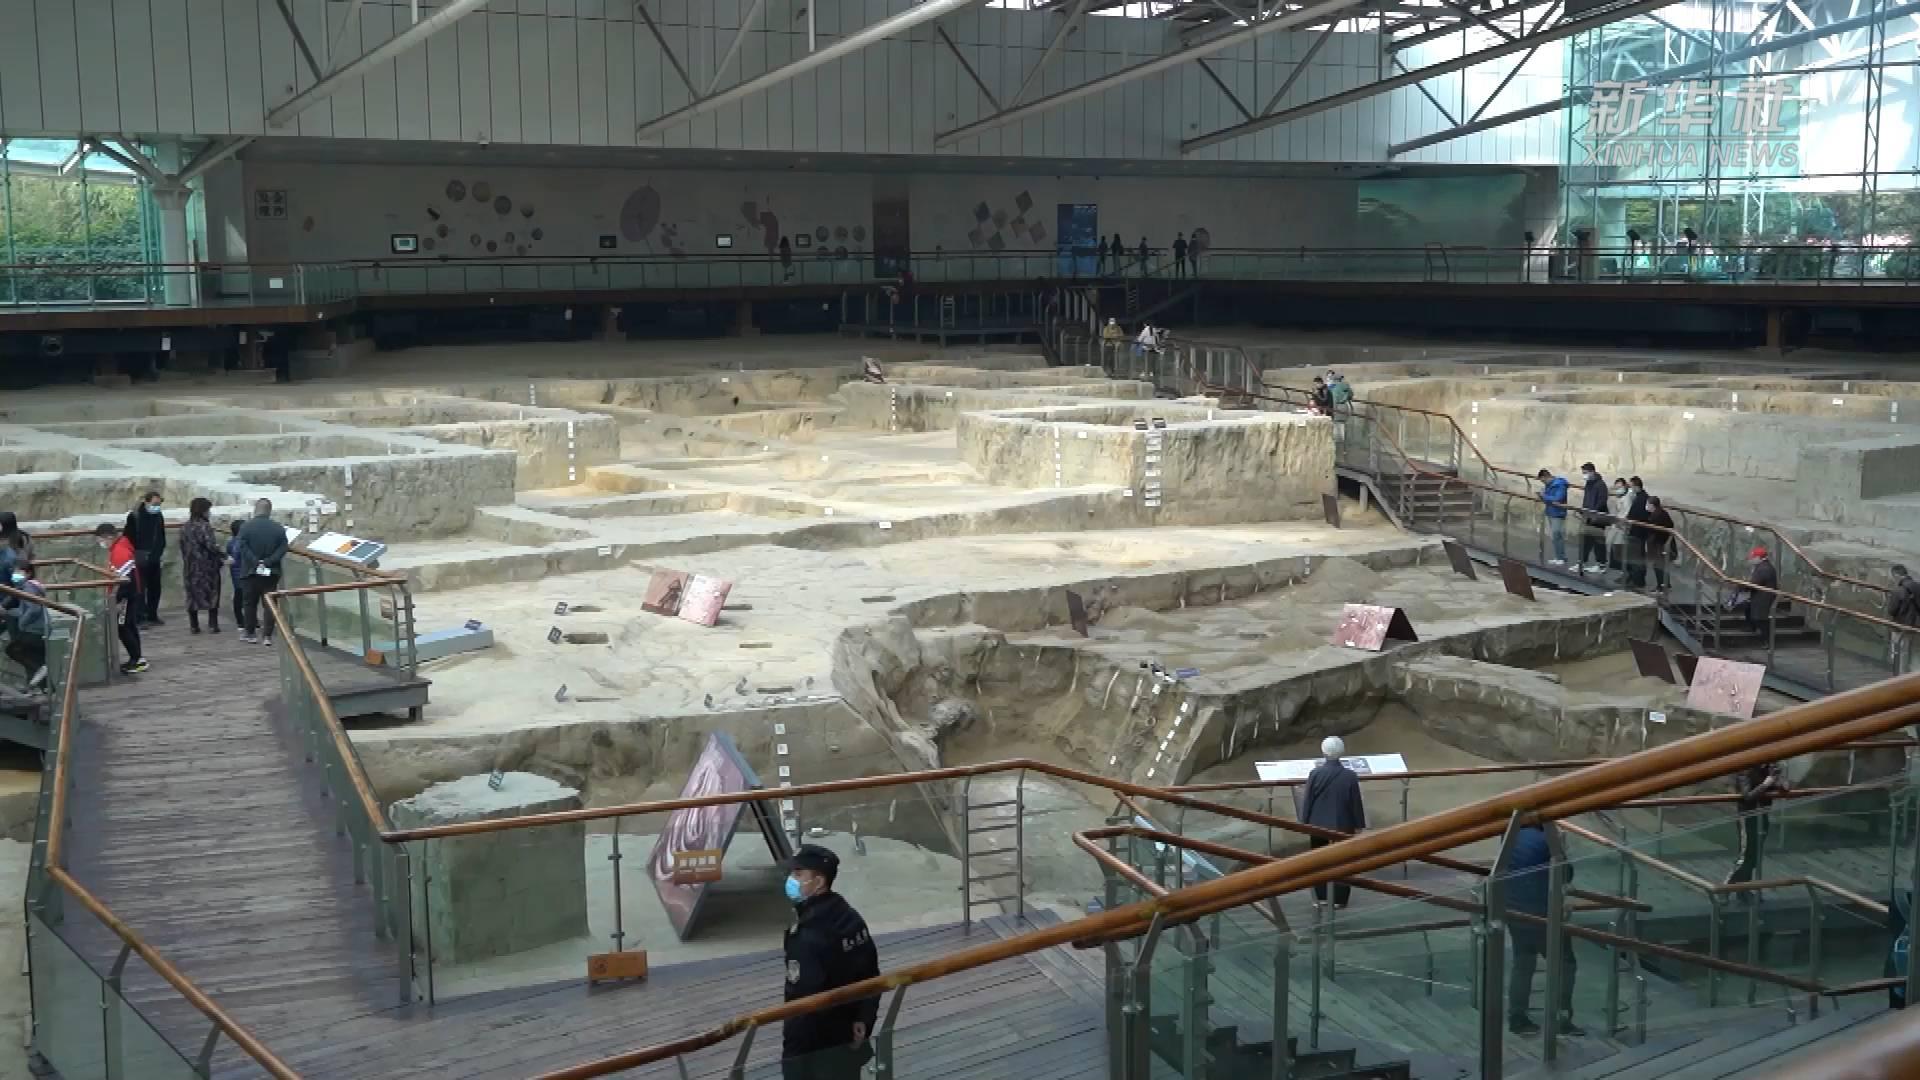 成都:金沙遗址发现20周年 博物馆焕发新活力